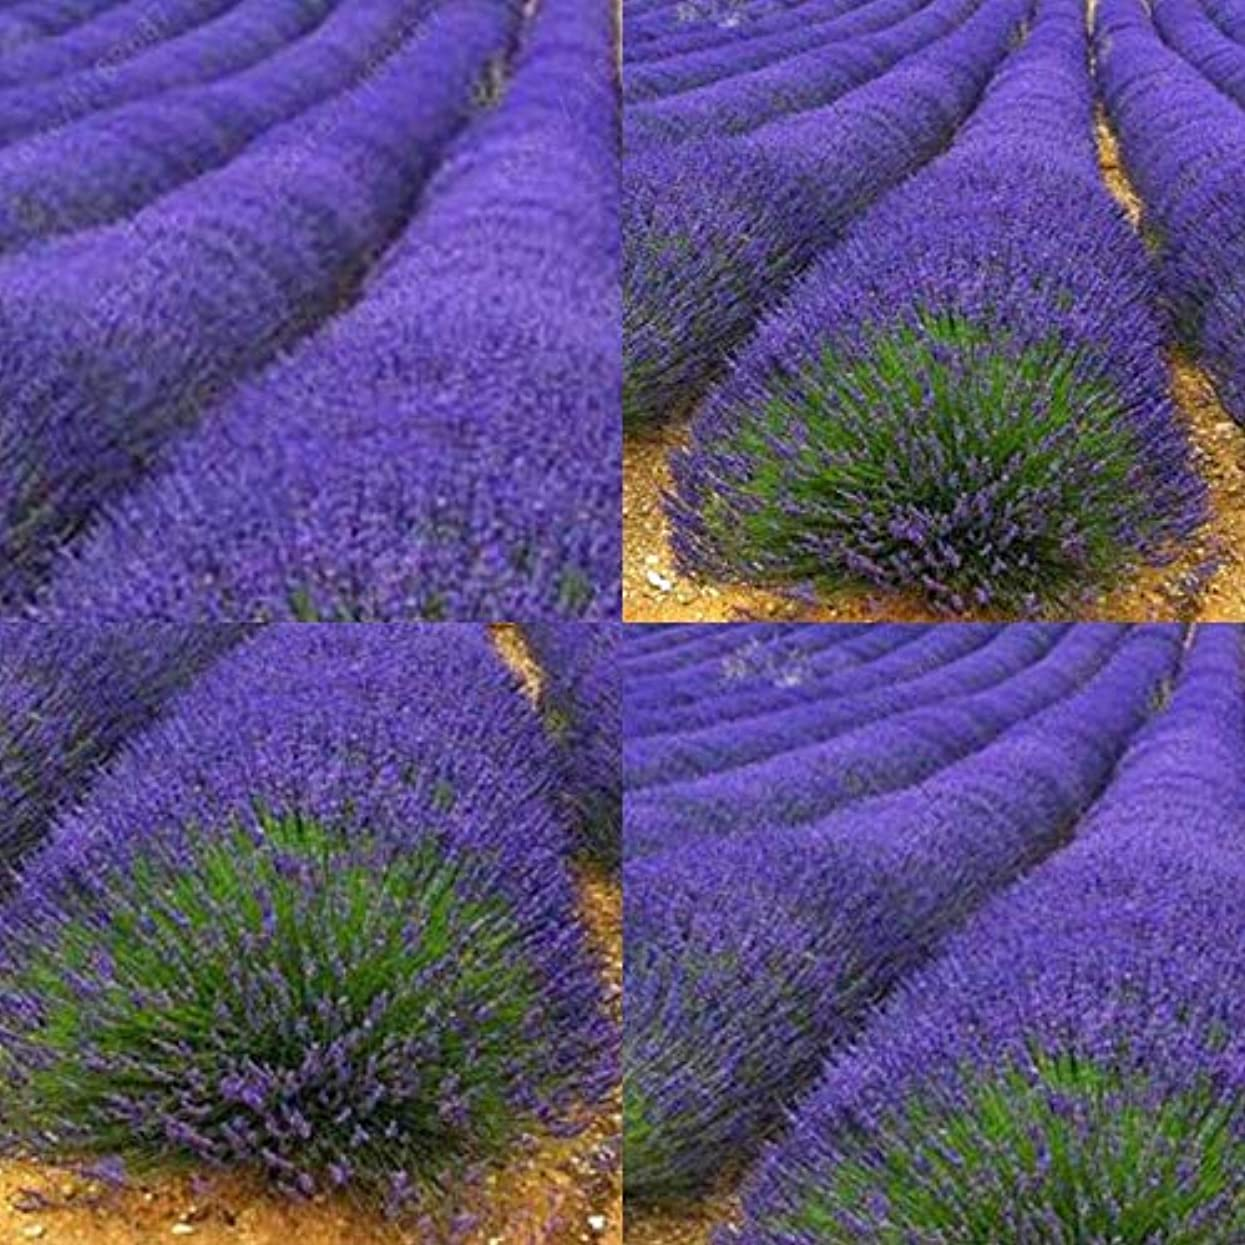 リップ操作セラーPortal Cool Type2 200Pcs: New Garden Aromatic Spices Variety Herb Seeds Plant Vegetable Lavender Herb